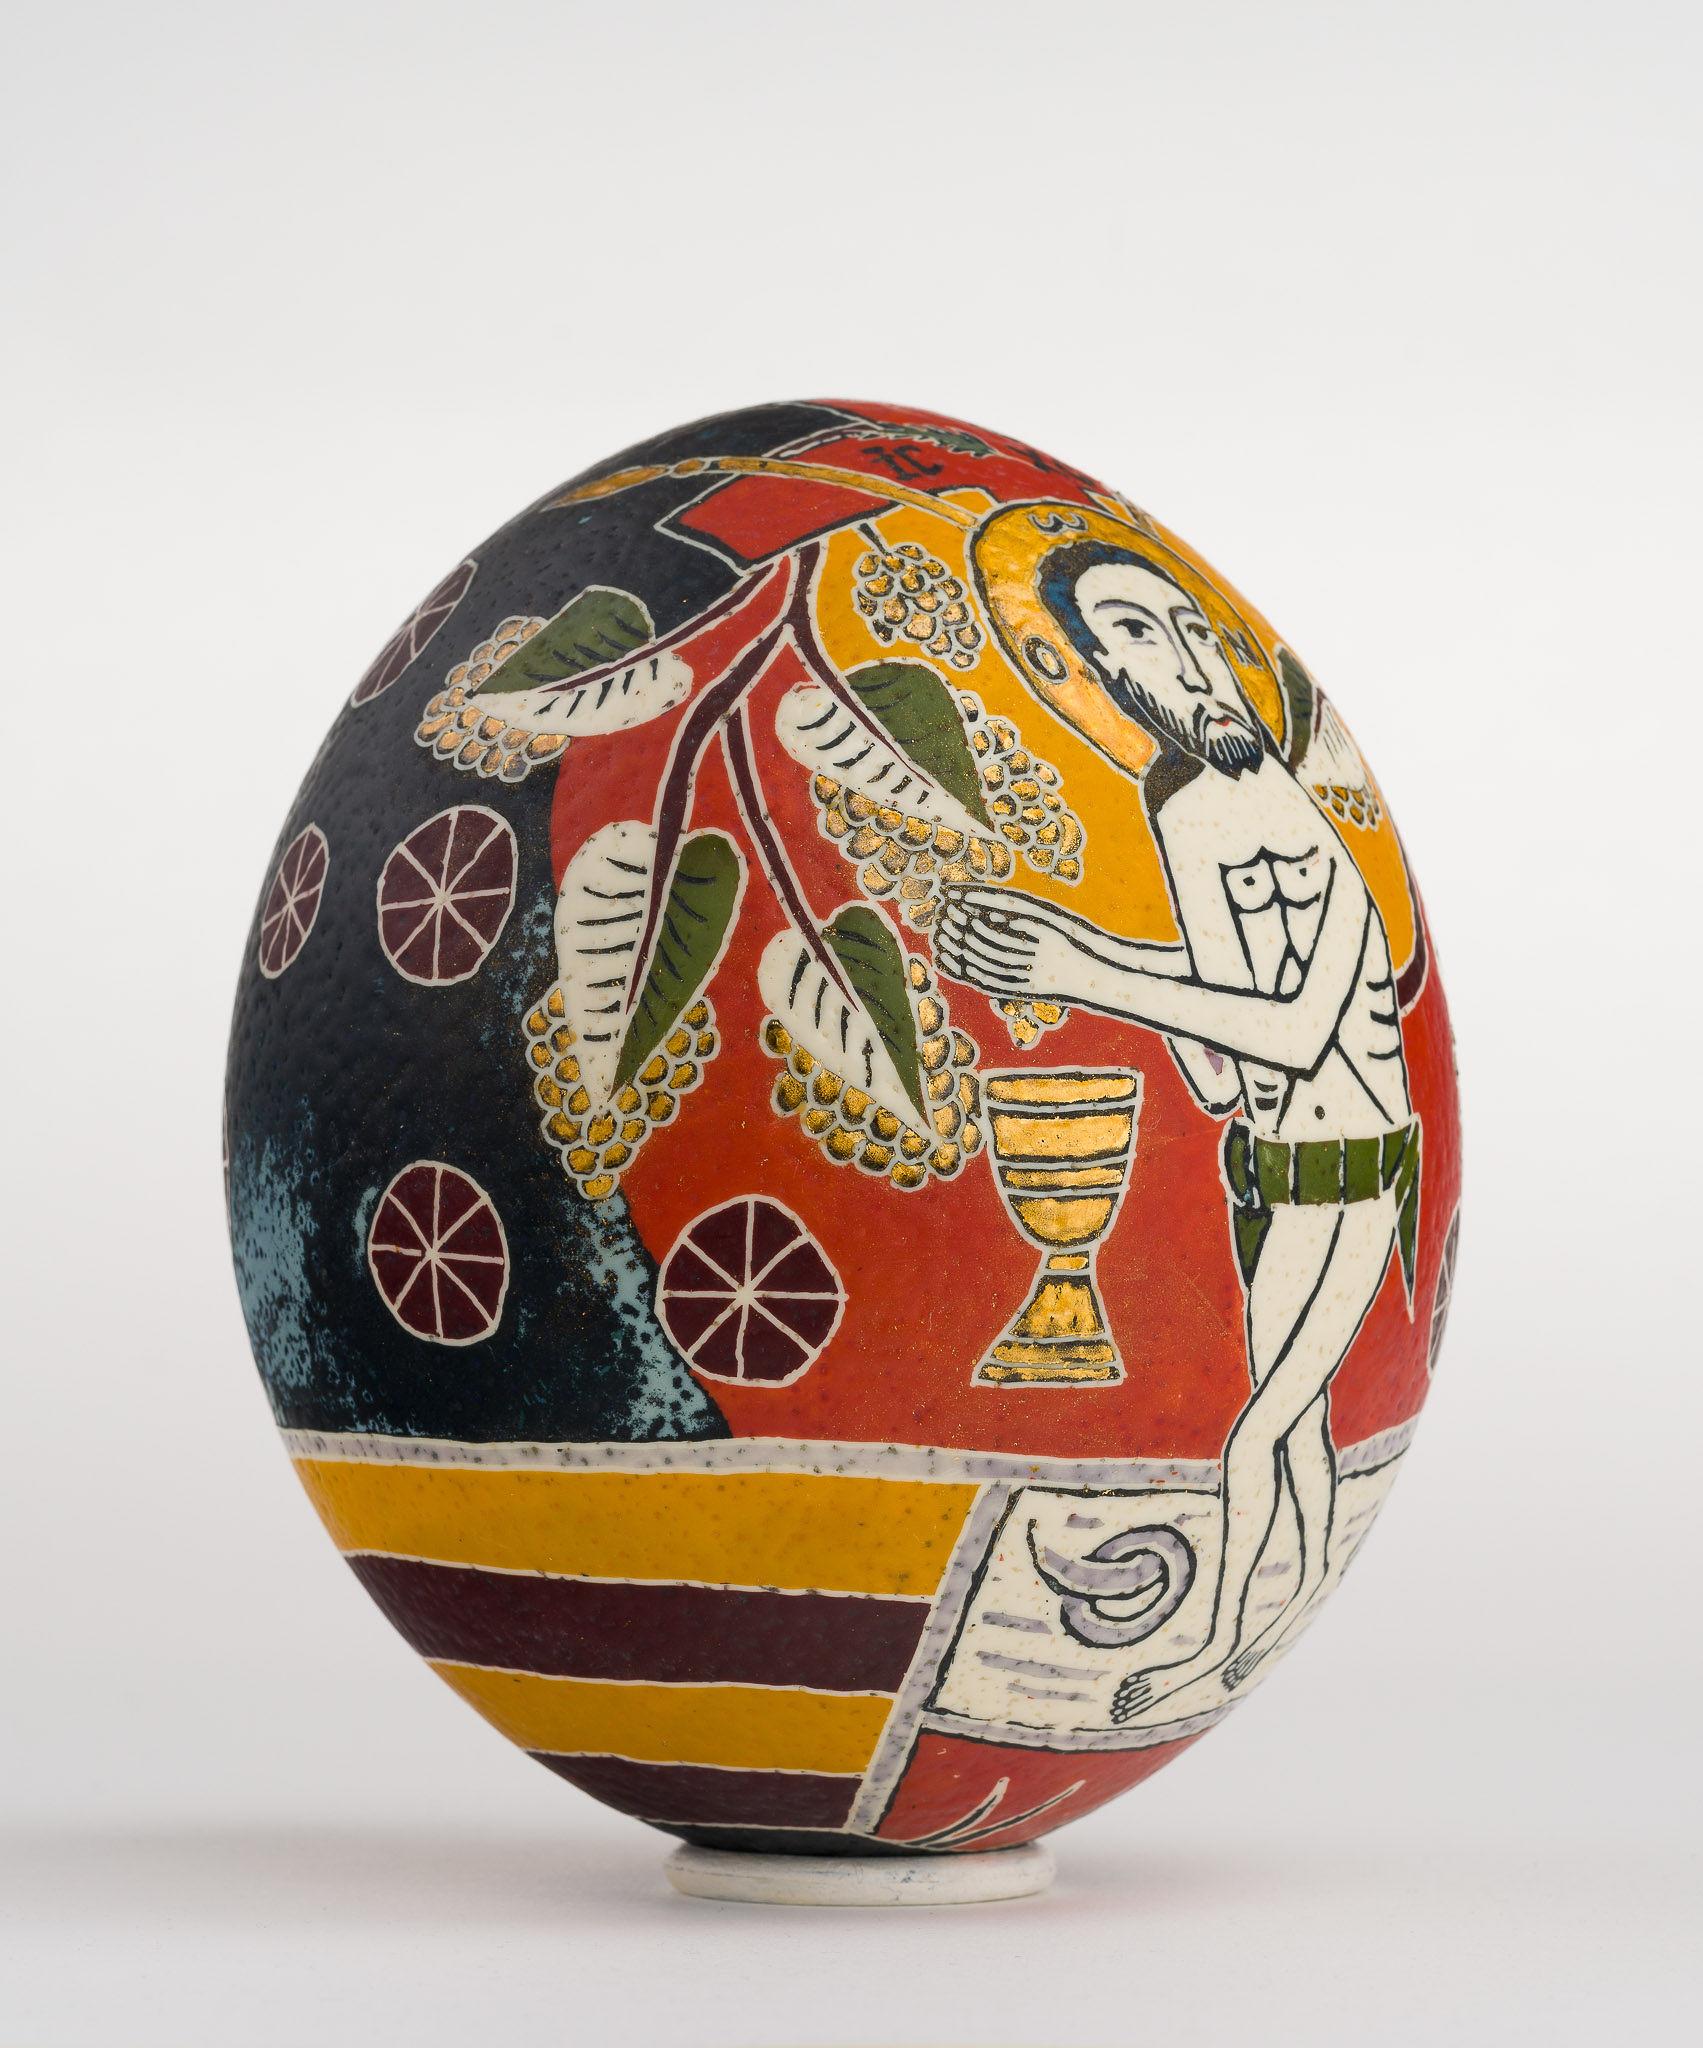 Icoană încondeiată pe ou de struț - Iisus cu vița - maryando-102c.jpg